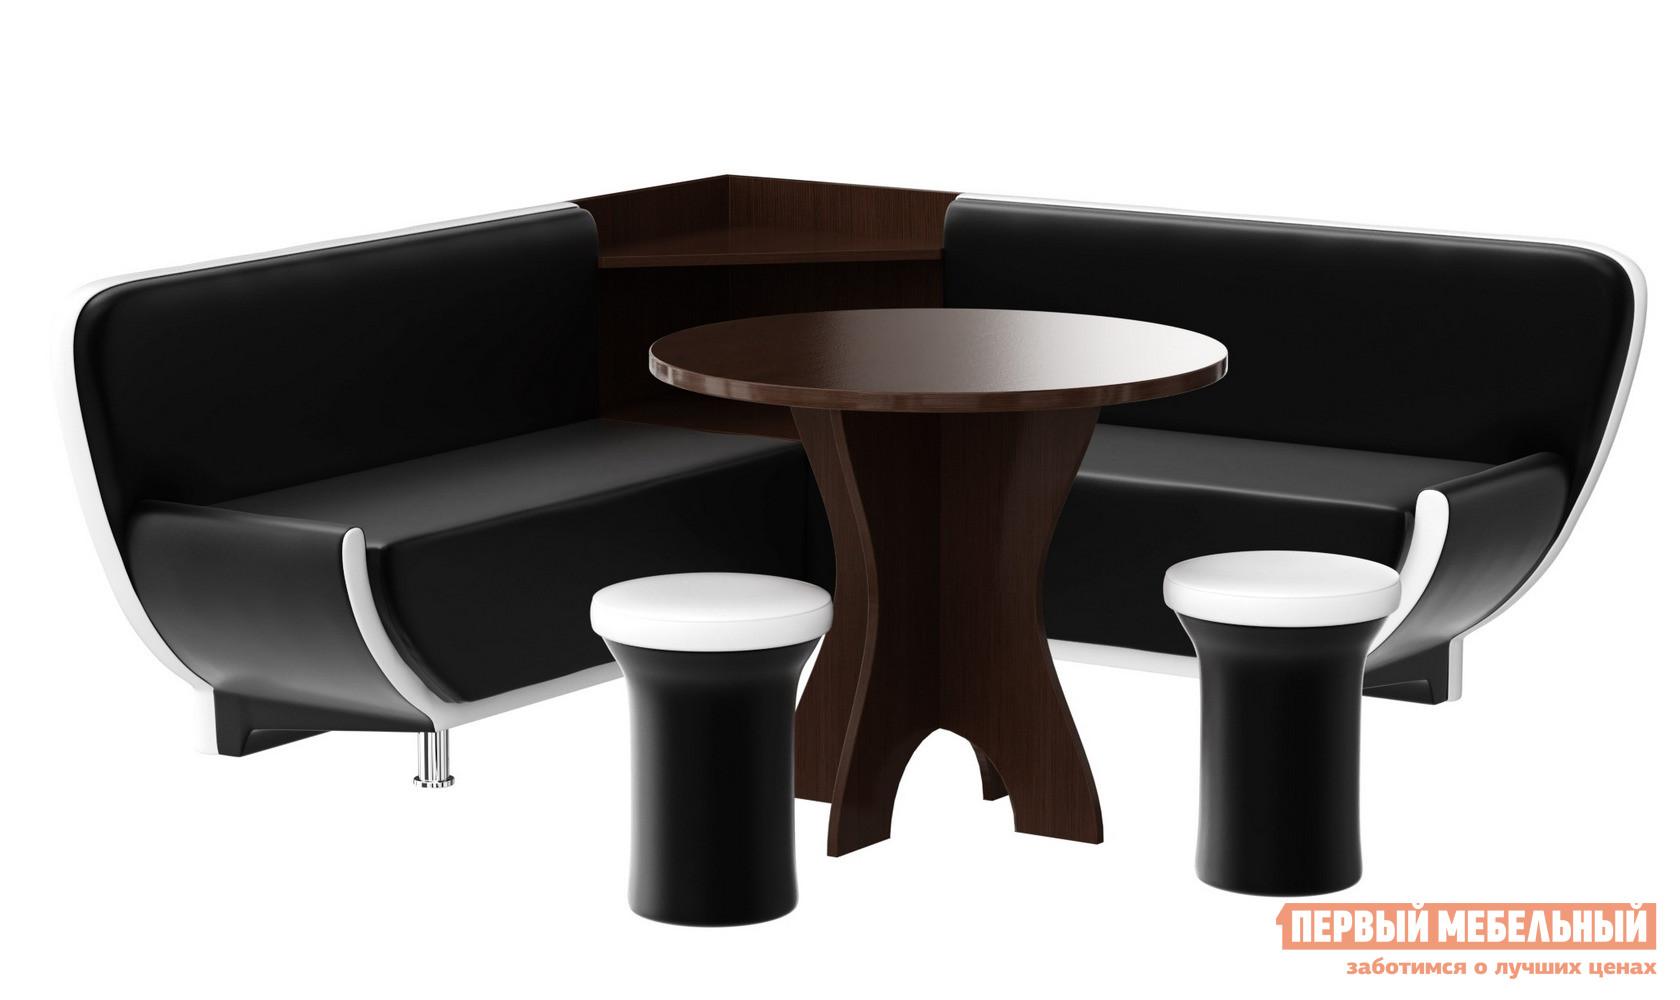 Кухонный уголок со столом и пуфами Мебелико Кухонный уголок Лотос кухонный уголок сенатор со спальным местом купить